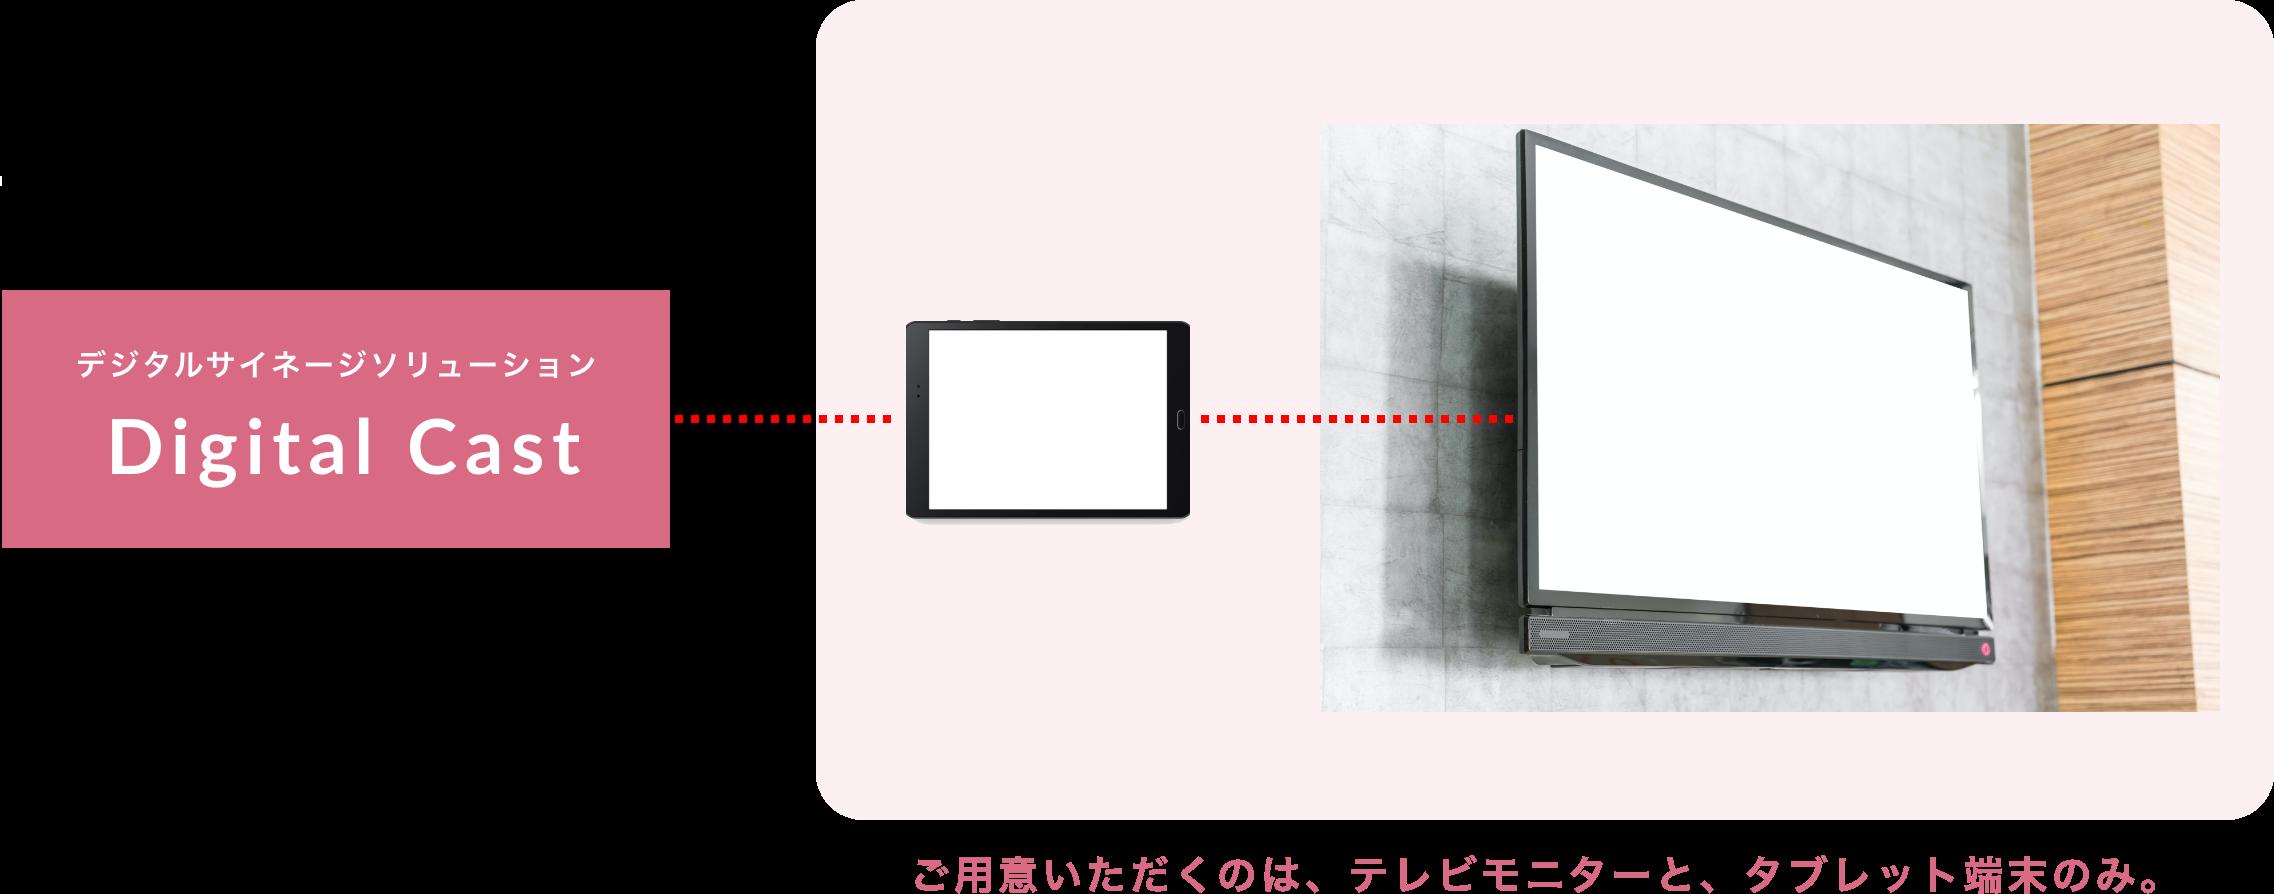 デジタルサイネージソリューション Digital Cast ご用意いただくのは、テレビモニターと、タブレット端末のみ。